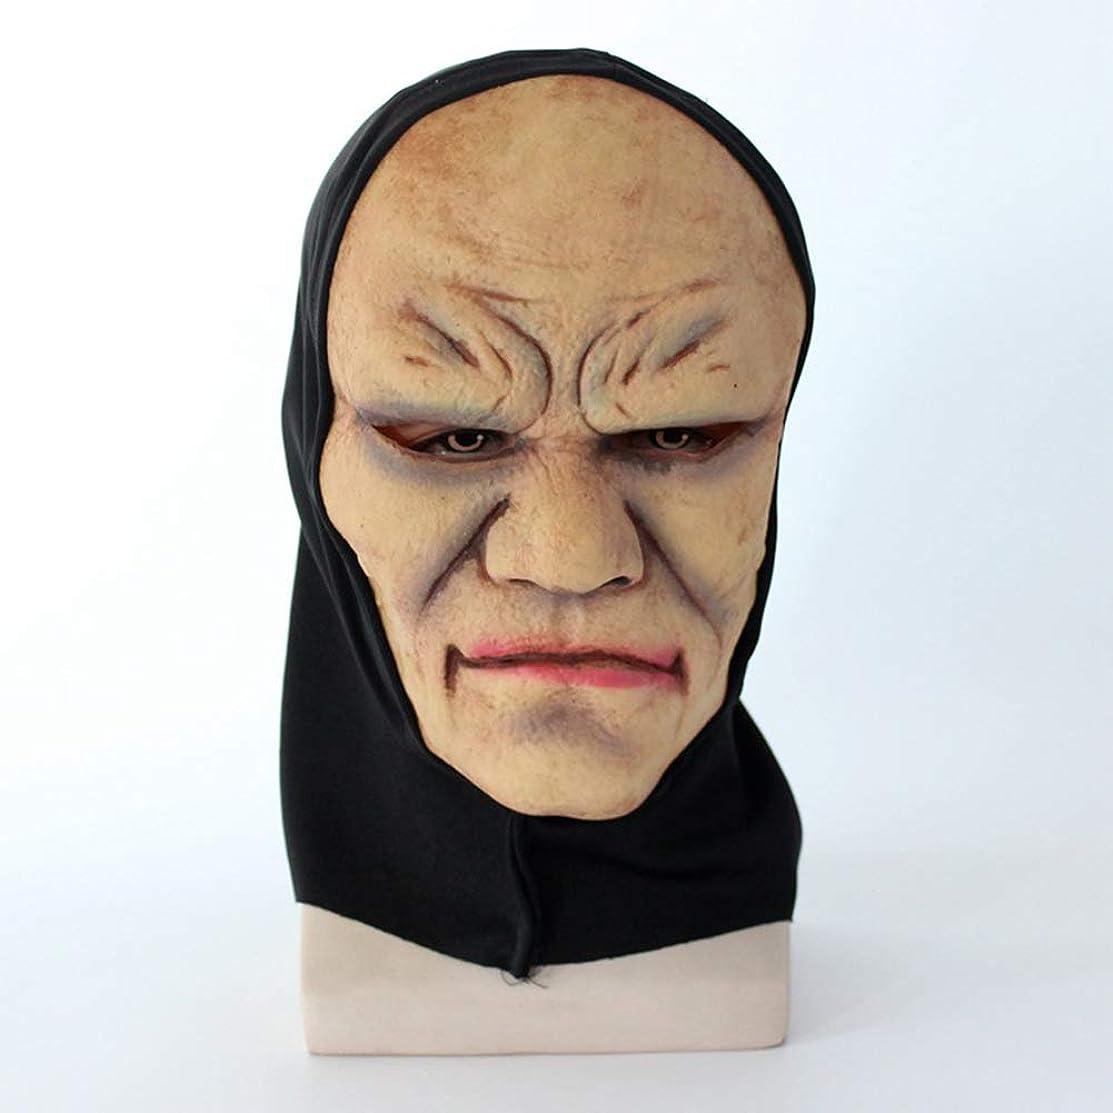 幾分手数料発明ハロウィーンホラーマスク、スピリチュアル修道女ヘッドマスク、クリエイティブ Vizard マスク、パーティー仮装ラテックスマスク